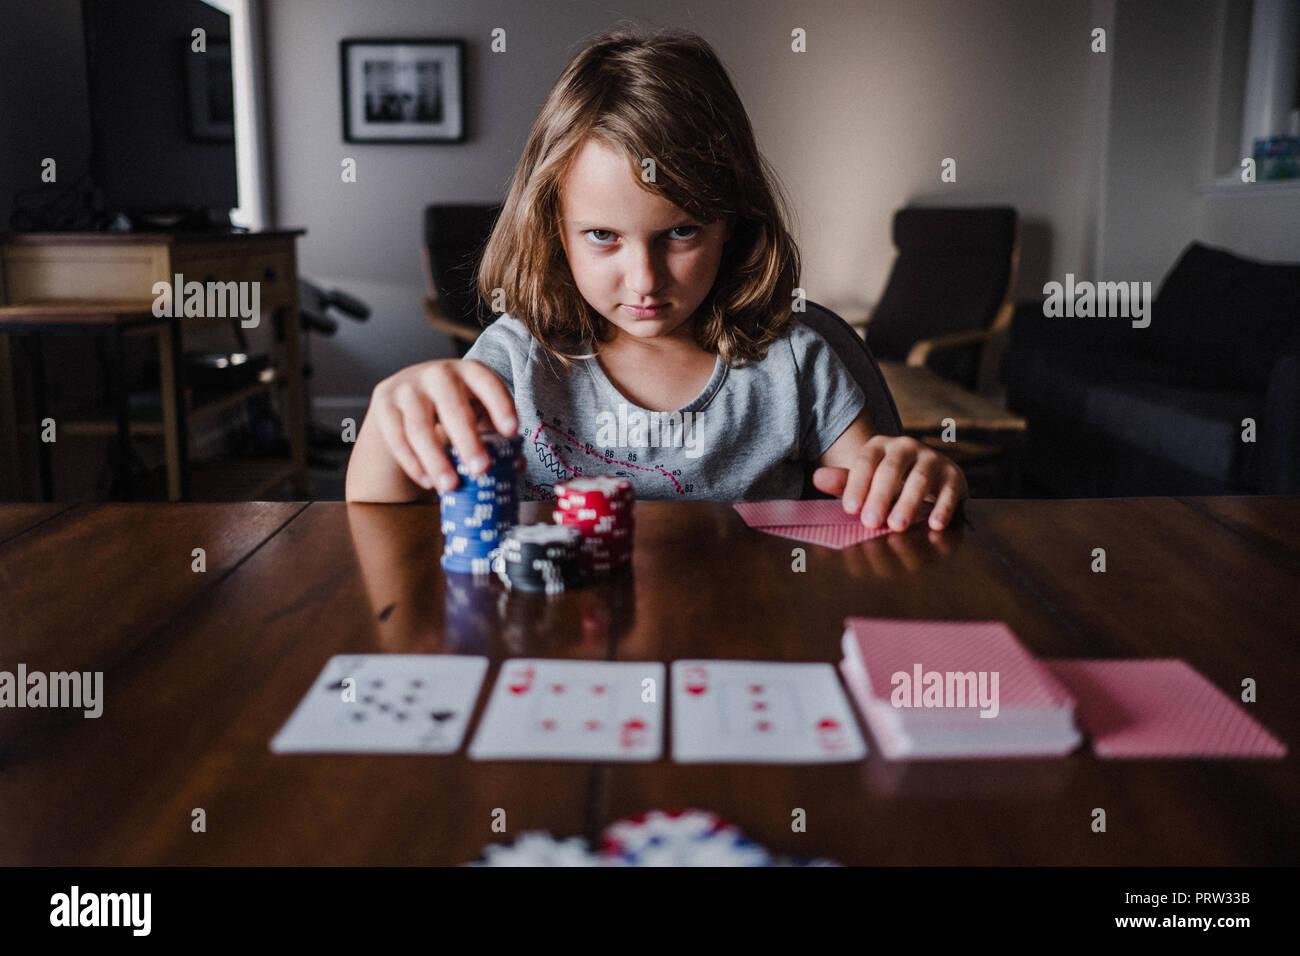 Mädchen mit stack Spielmarken Karten am Tisch, Porträt Stockfoto